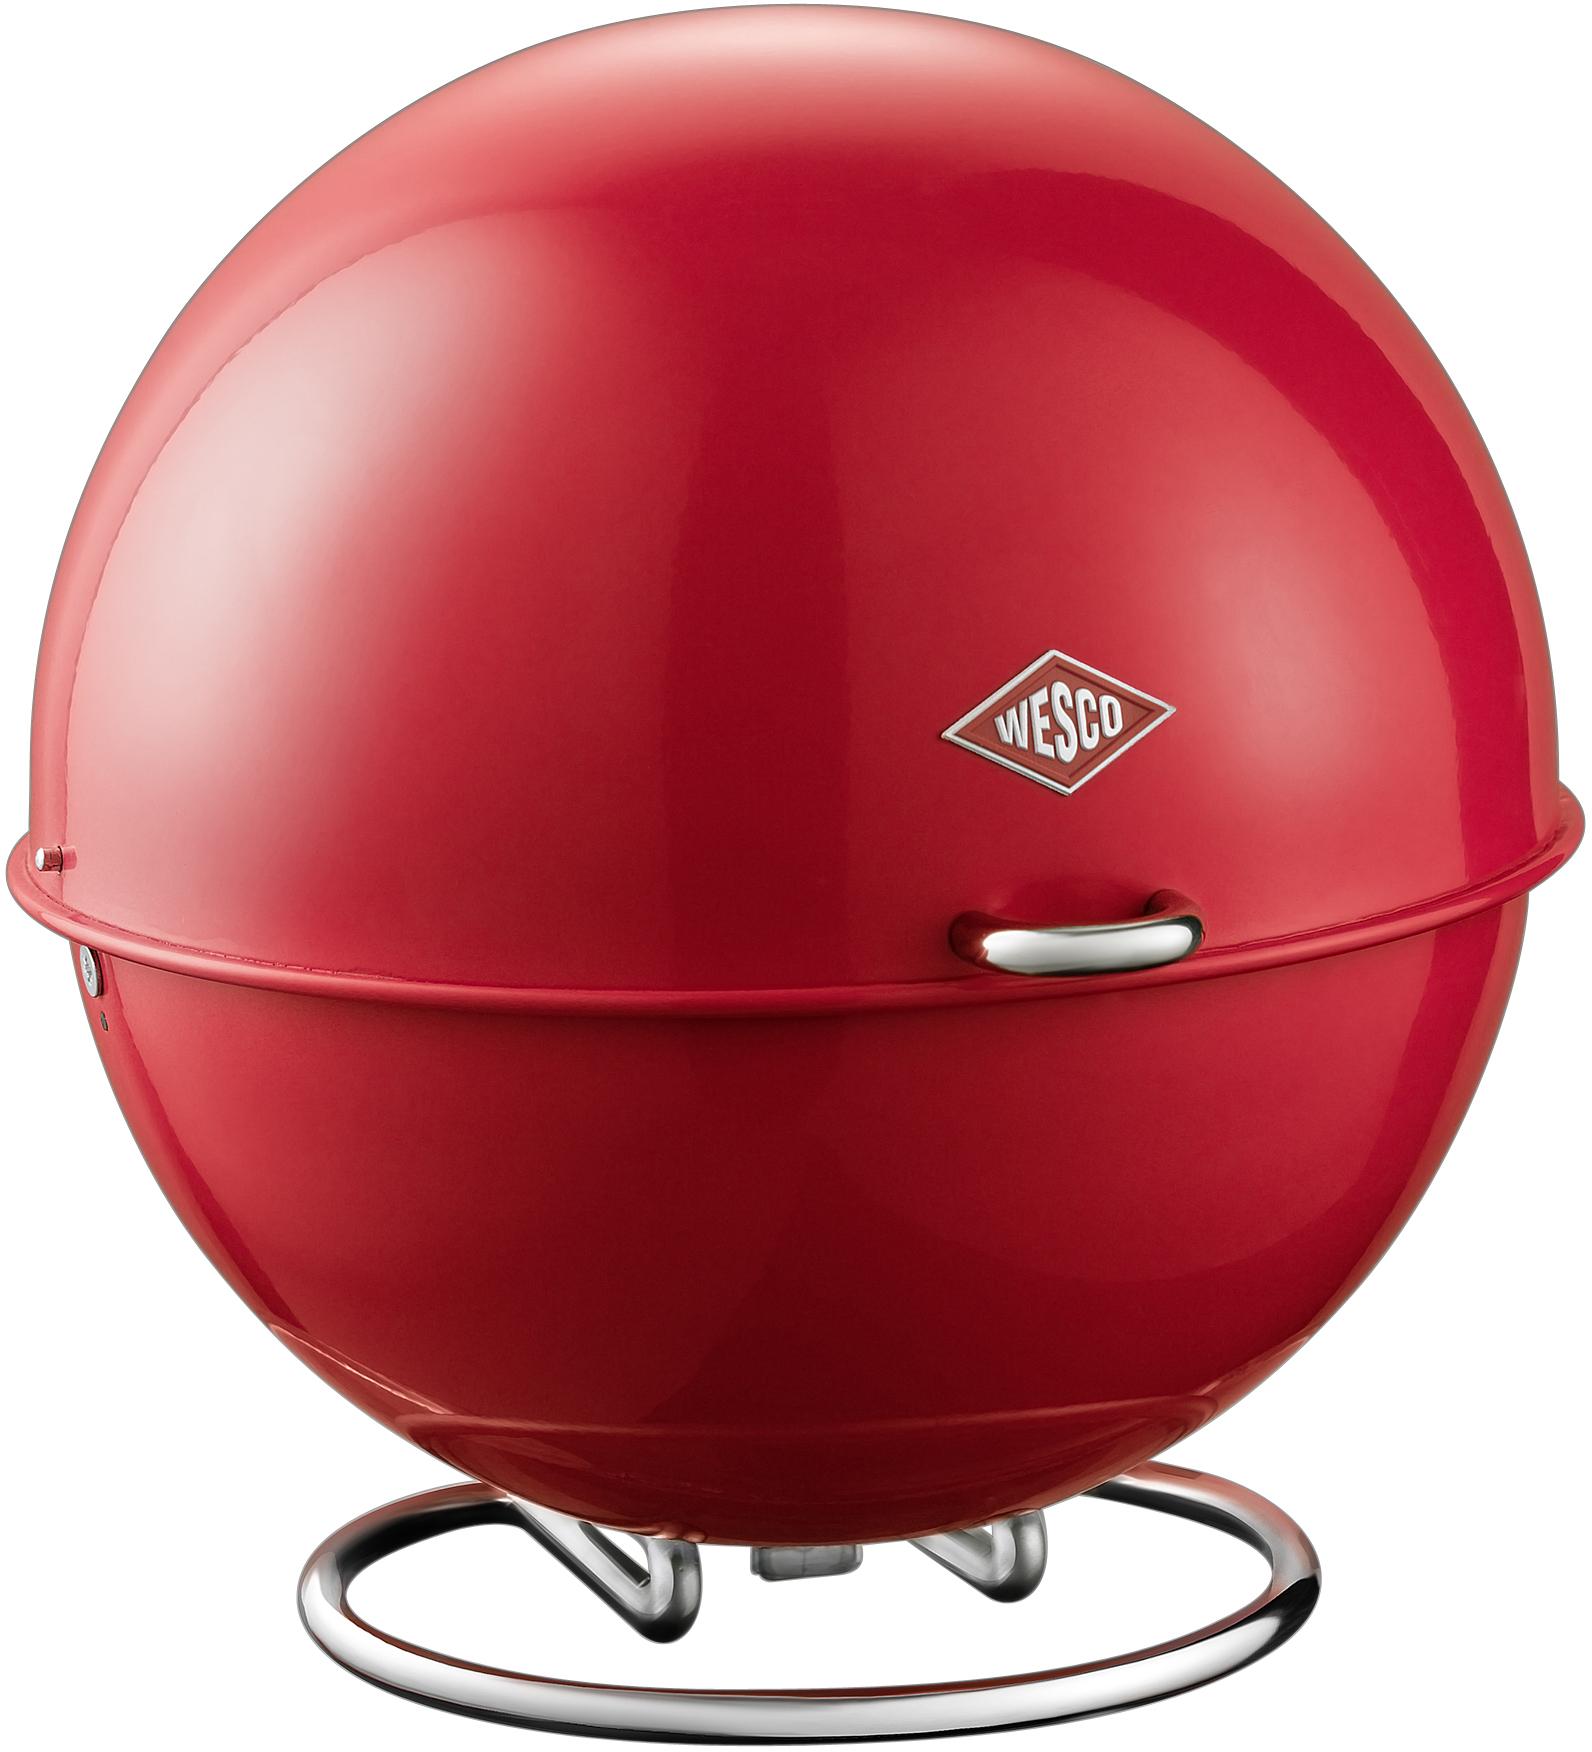 SuperballКухонные аксессуары<br>Емкость для хранения<br>